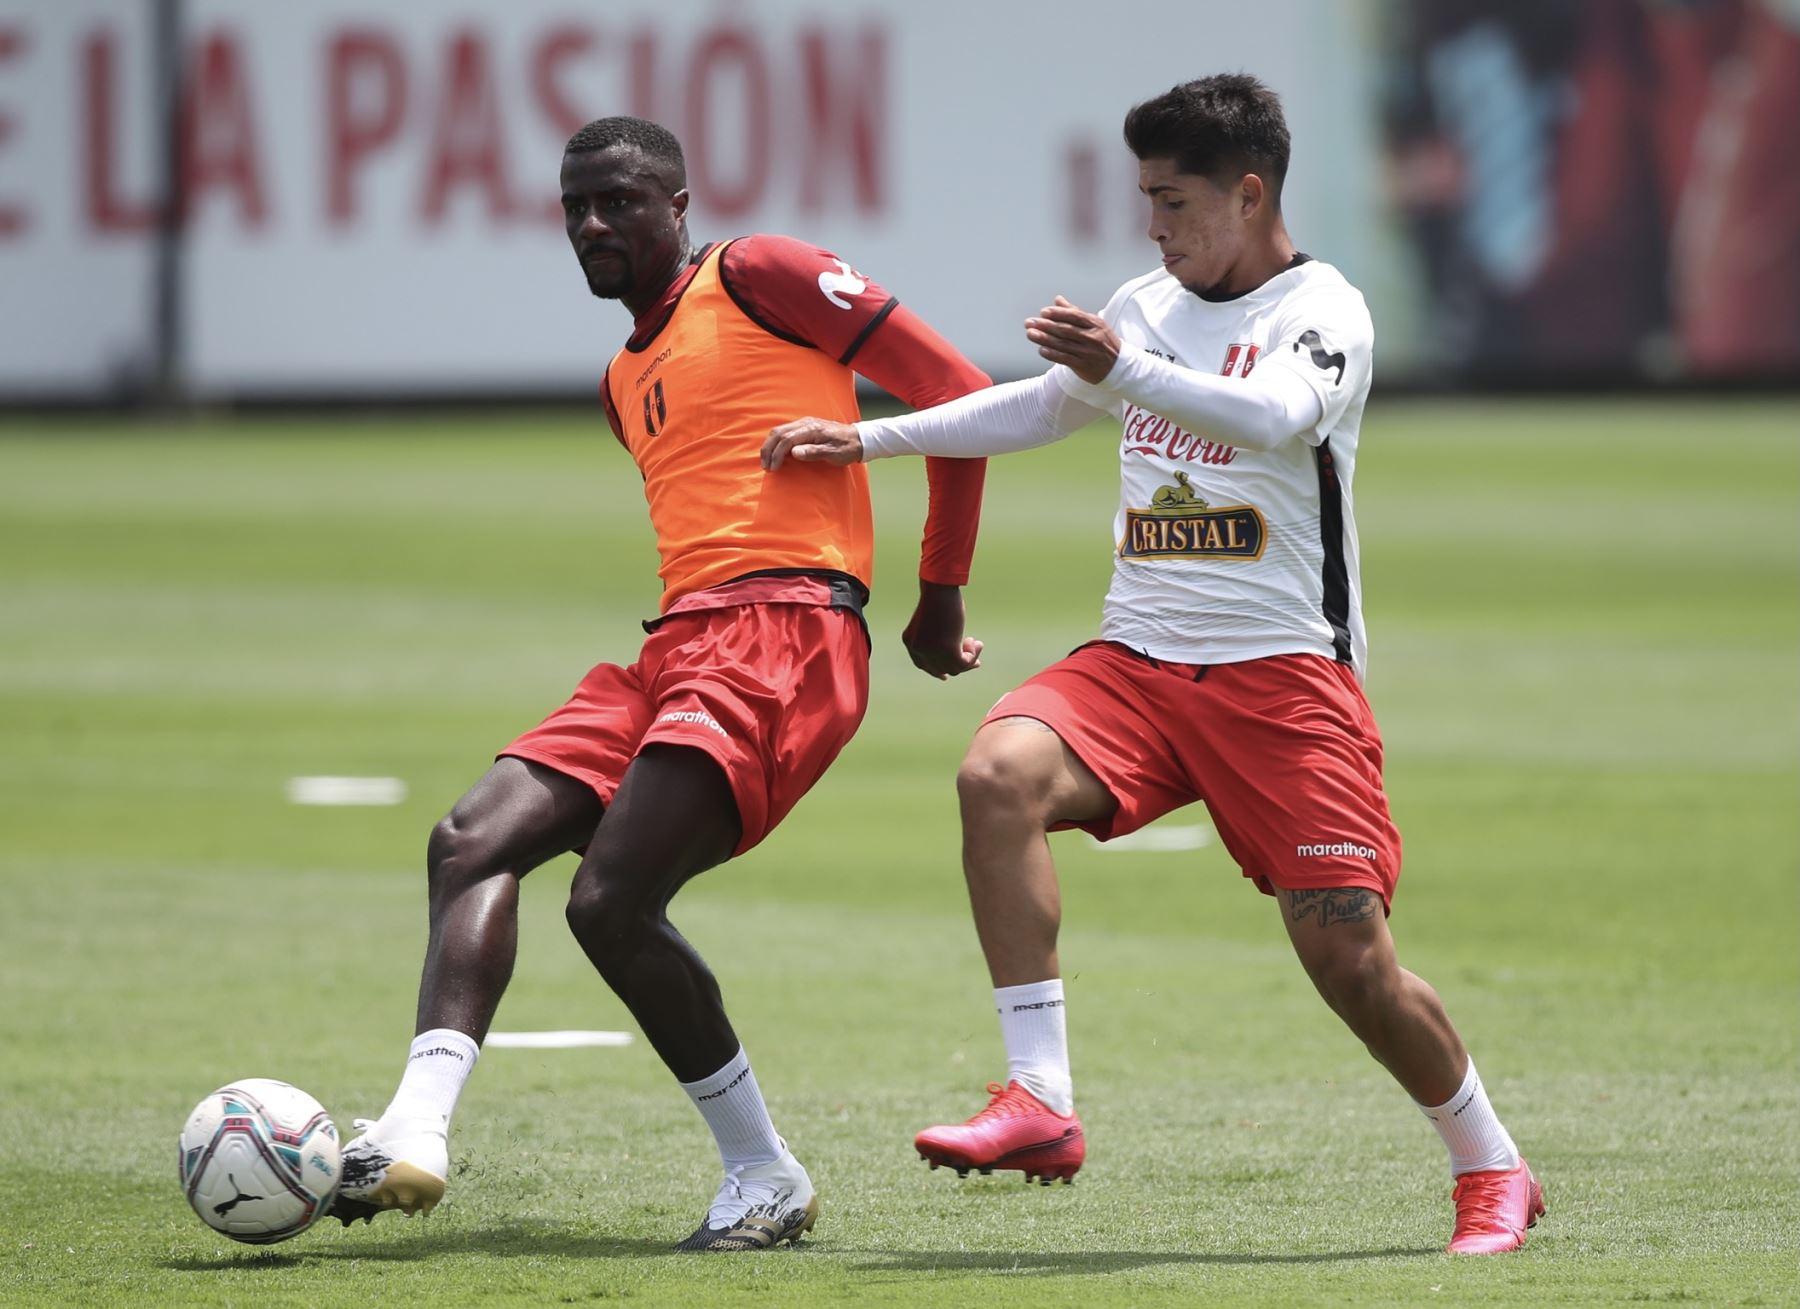 El futbolista Christian Ramos de la Selección peruana completó sus entrenamientos por tercer día consecutivo en el Complejo Deportivo Videna FPF, con miras a su debut en las Clasificatorias a Qatar 2022. Foto: @SeleccionPeru